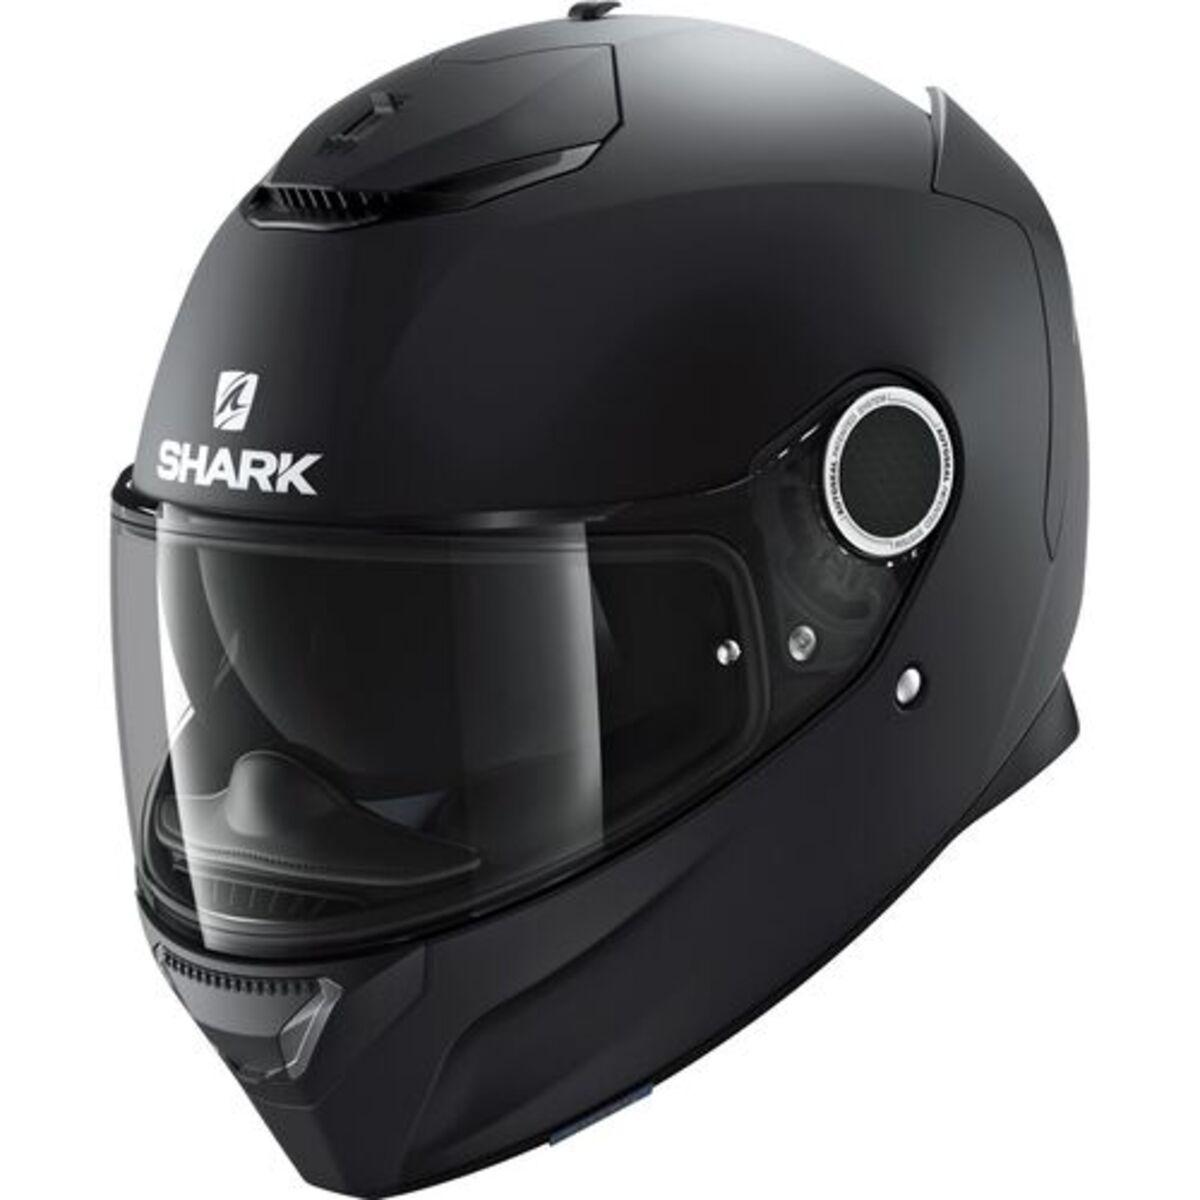 Bild 1 von Shark helmets            Spartan Blank Mat